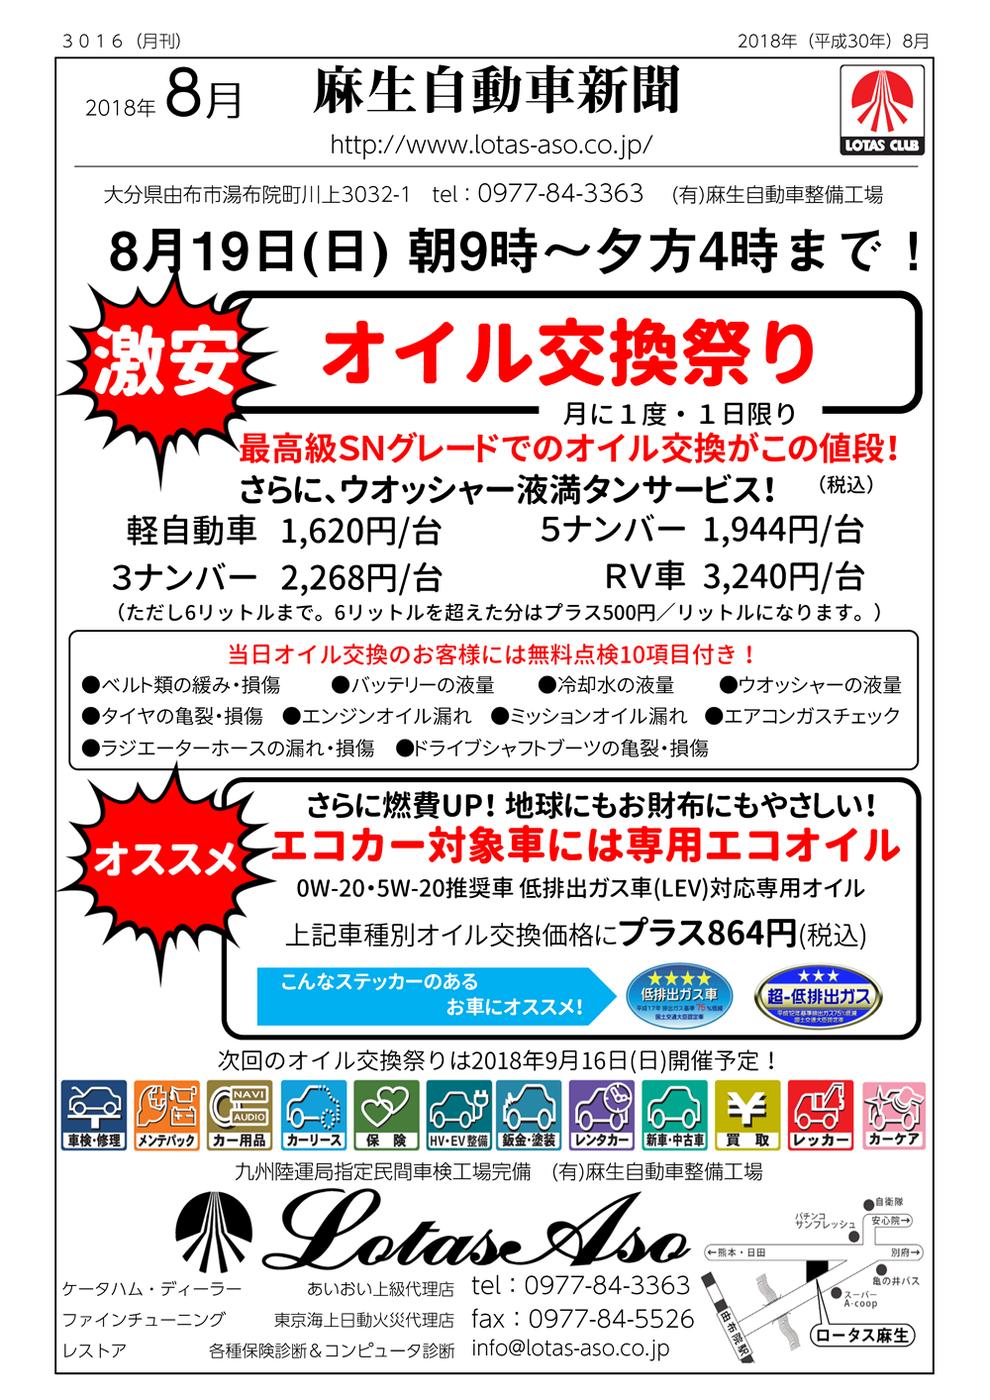 ロータス麻生のオイル交換祭り!2018年8月19日(日)開催